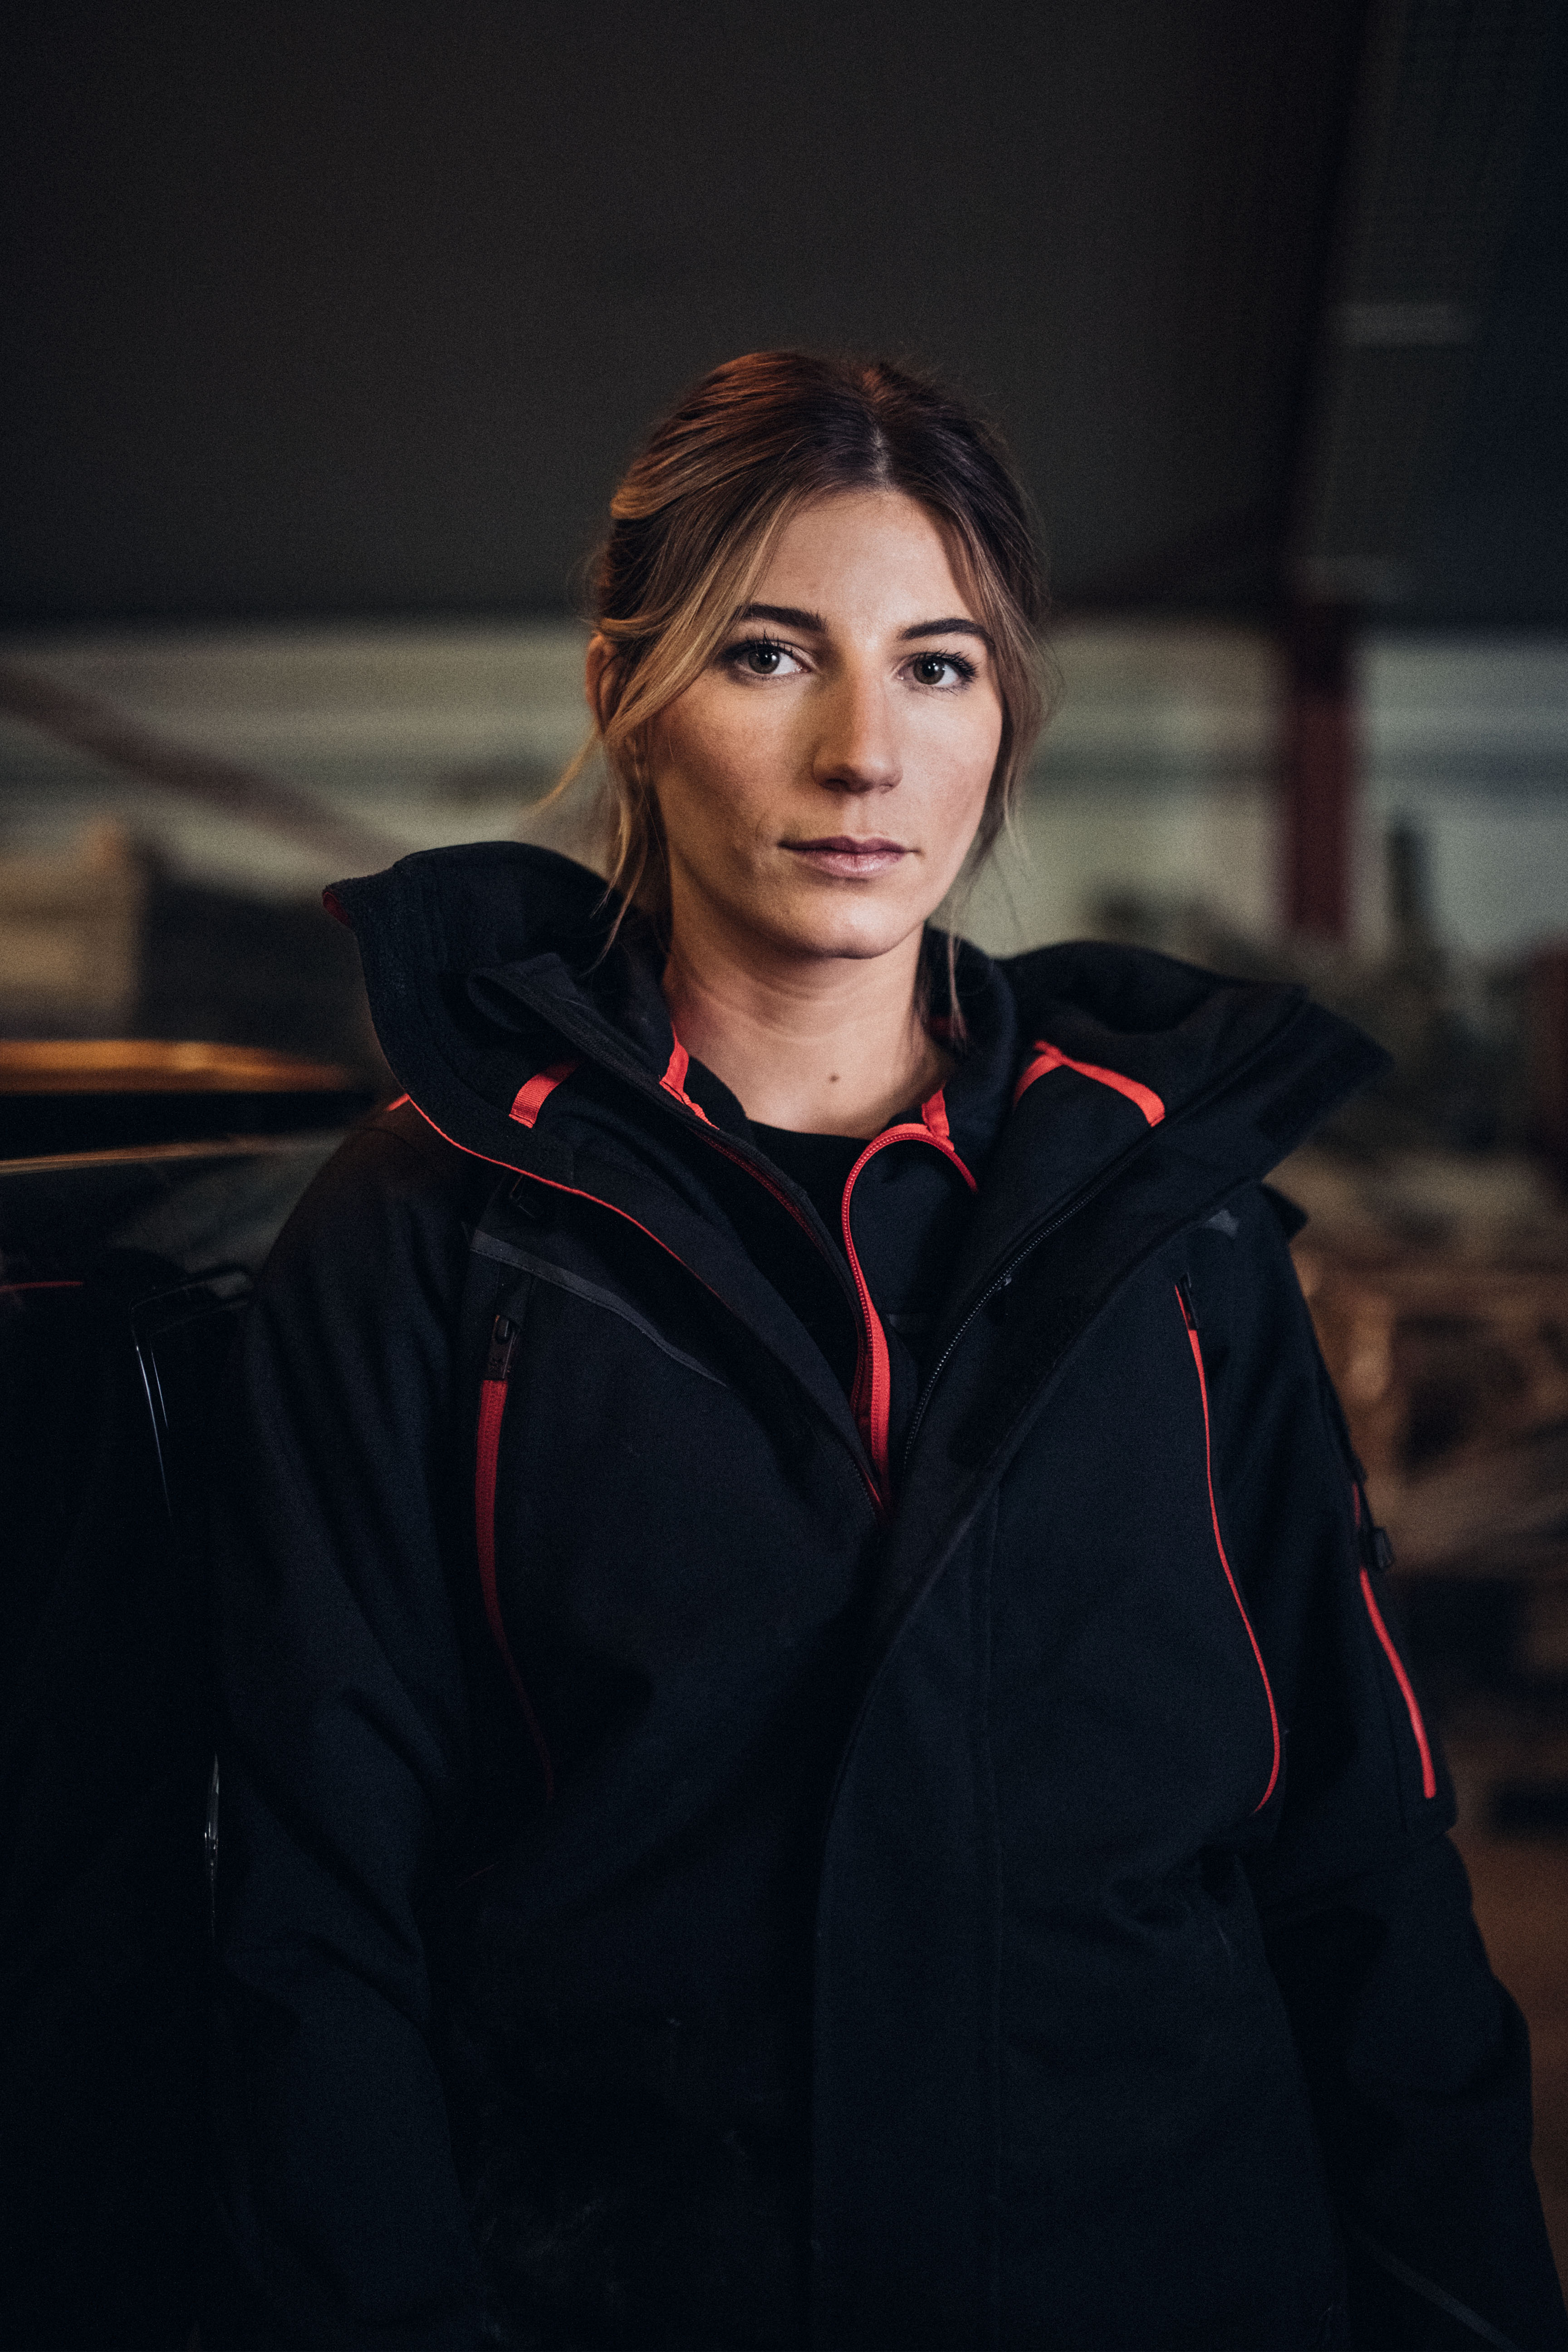 Die Bauunternehmerin trägt die stylische Workwear aus der sportlich designten Performance Kollektion in der Farbe Schwarz/Rot